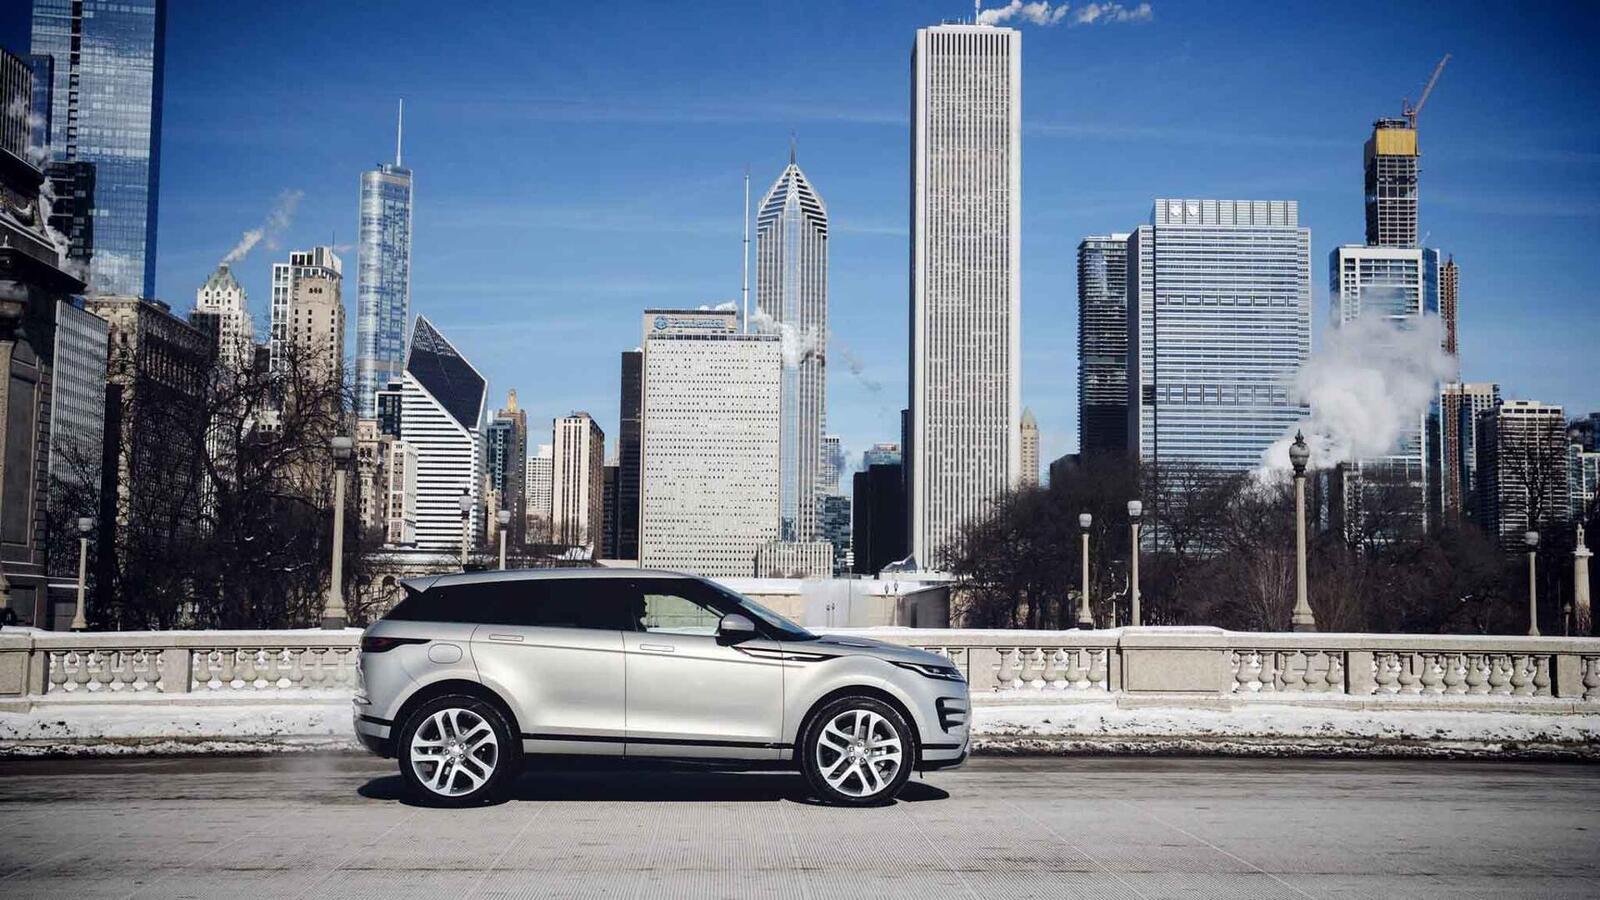 Range Rover Evoque mới tại Mỹ có giá từ 43.645 USD, đắt hơn Audi Q5 và Mercedes GLC - Hình 15